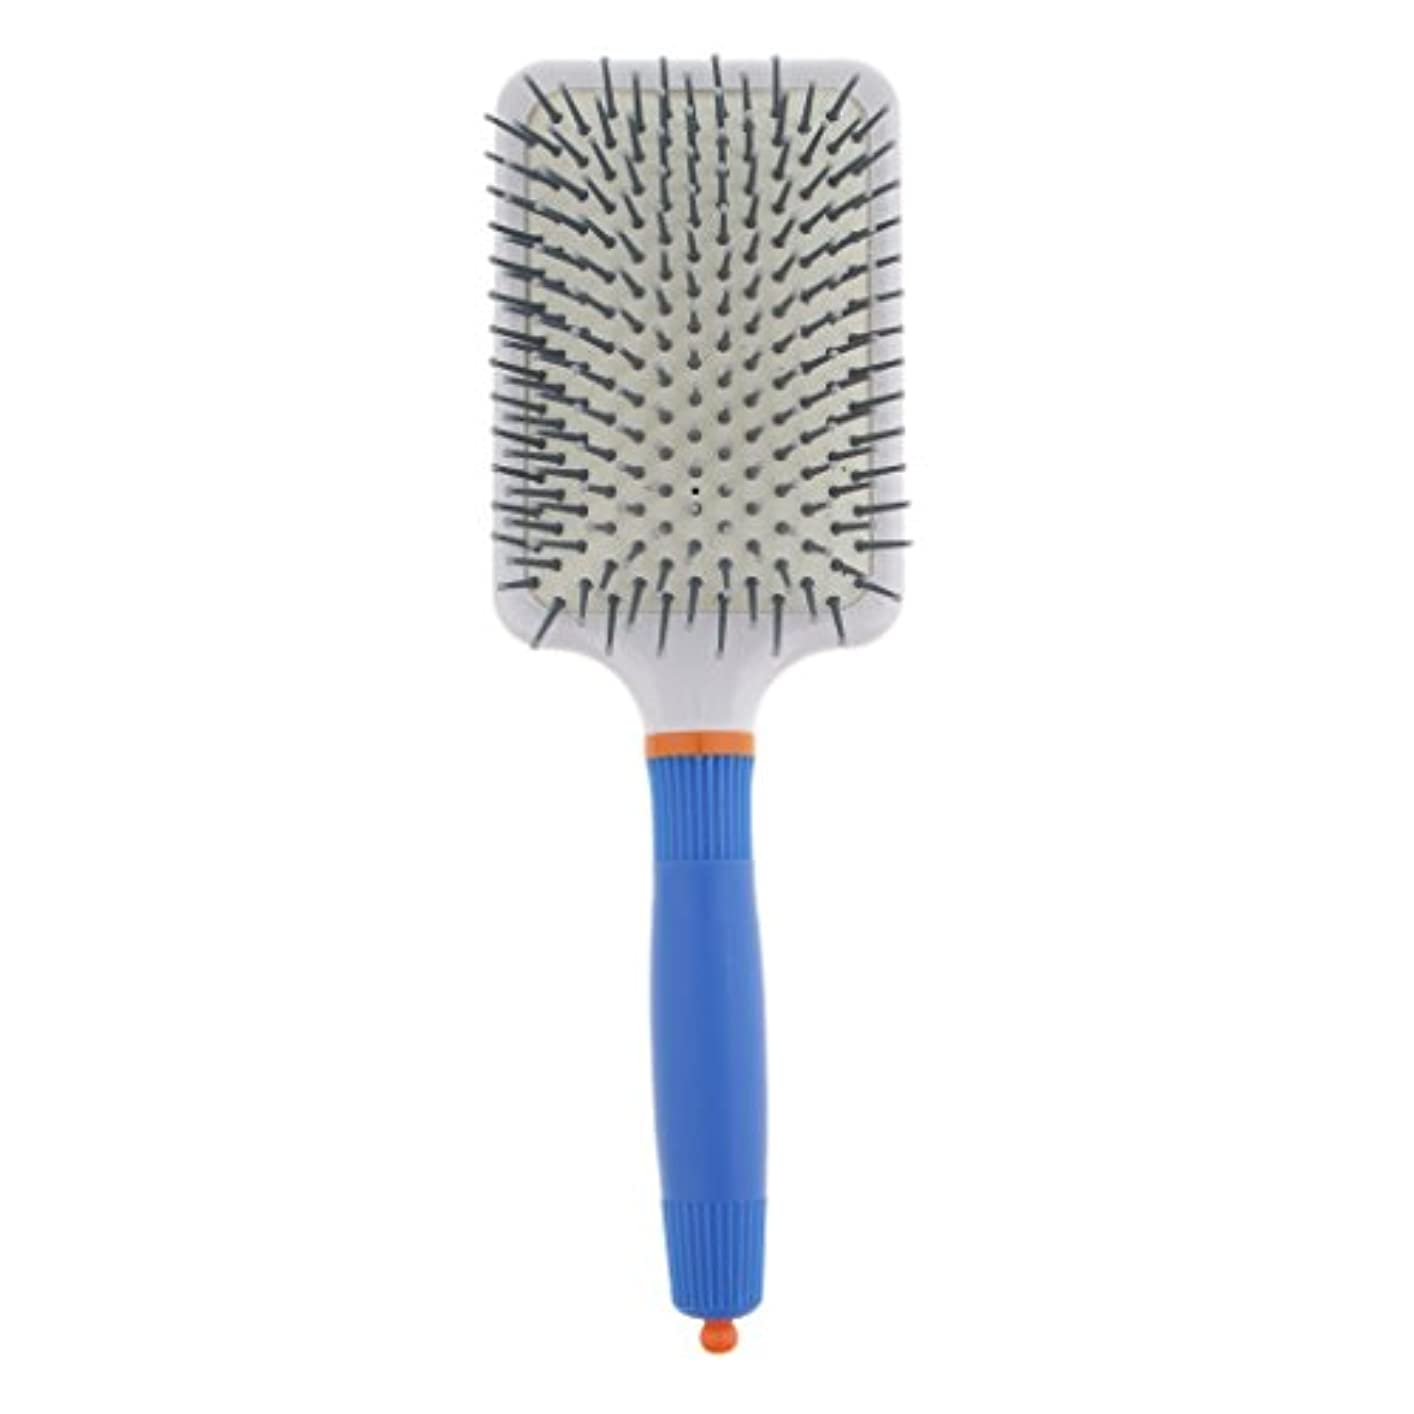 不正確給料チャームT TOOYFUL プラスチック製 ブラシ 頭皮マッサージブラシ フラットヘアブラシ 櫛 静電気防止 全2色 - ダークブルー